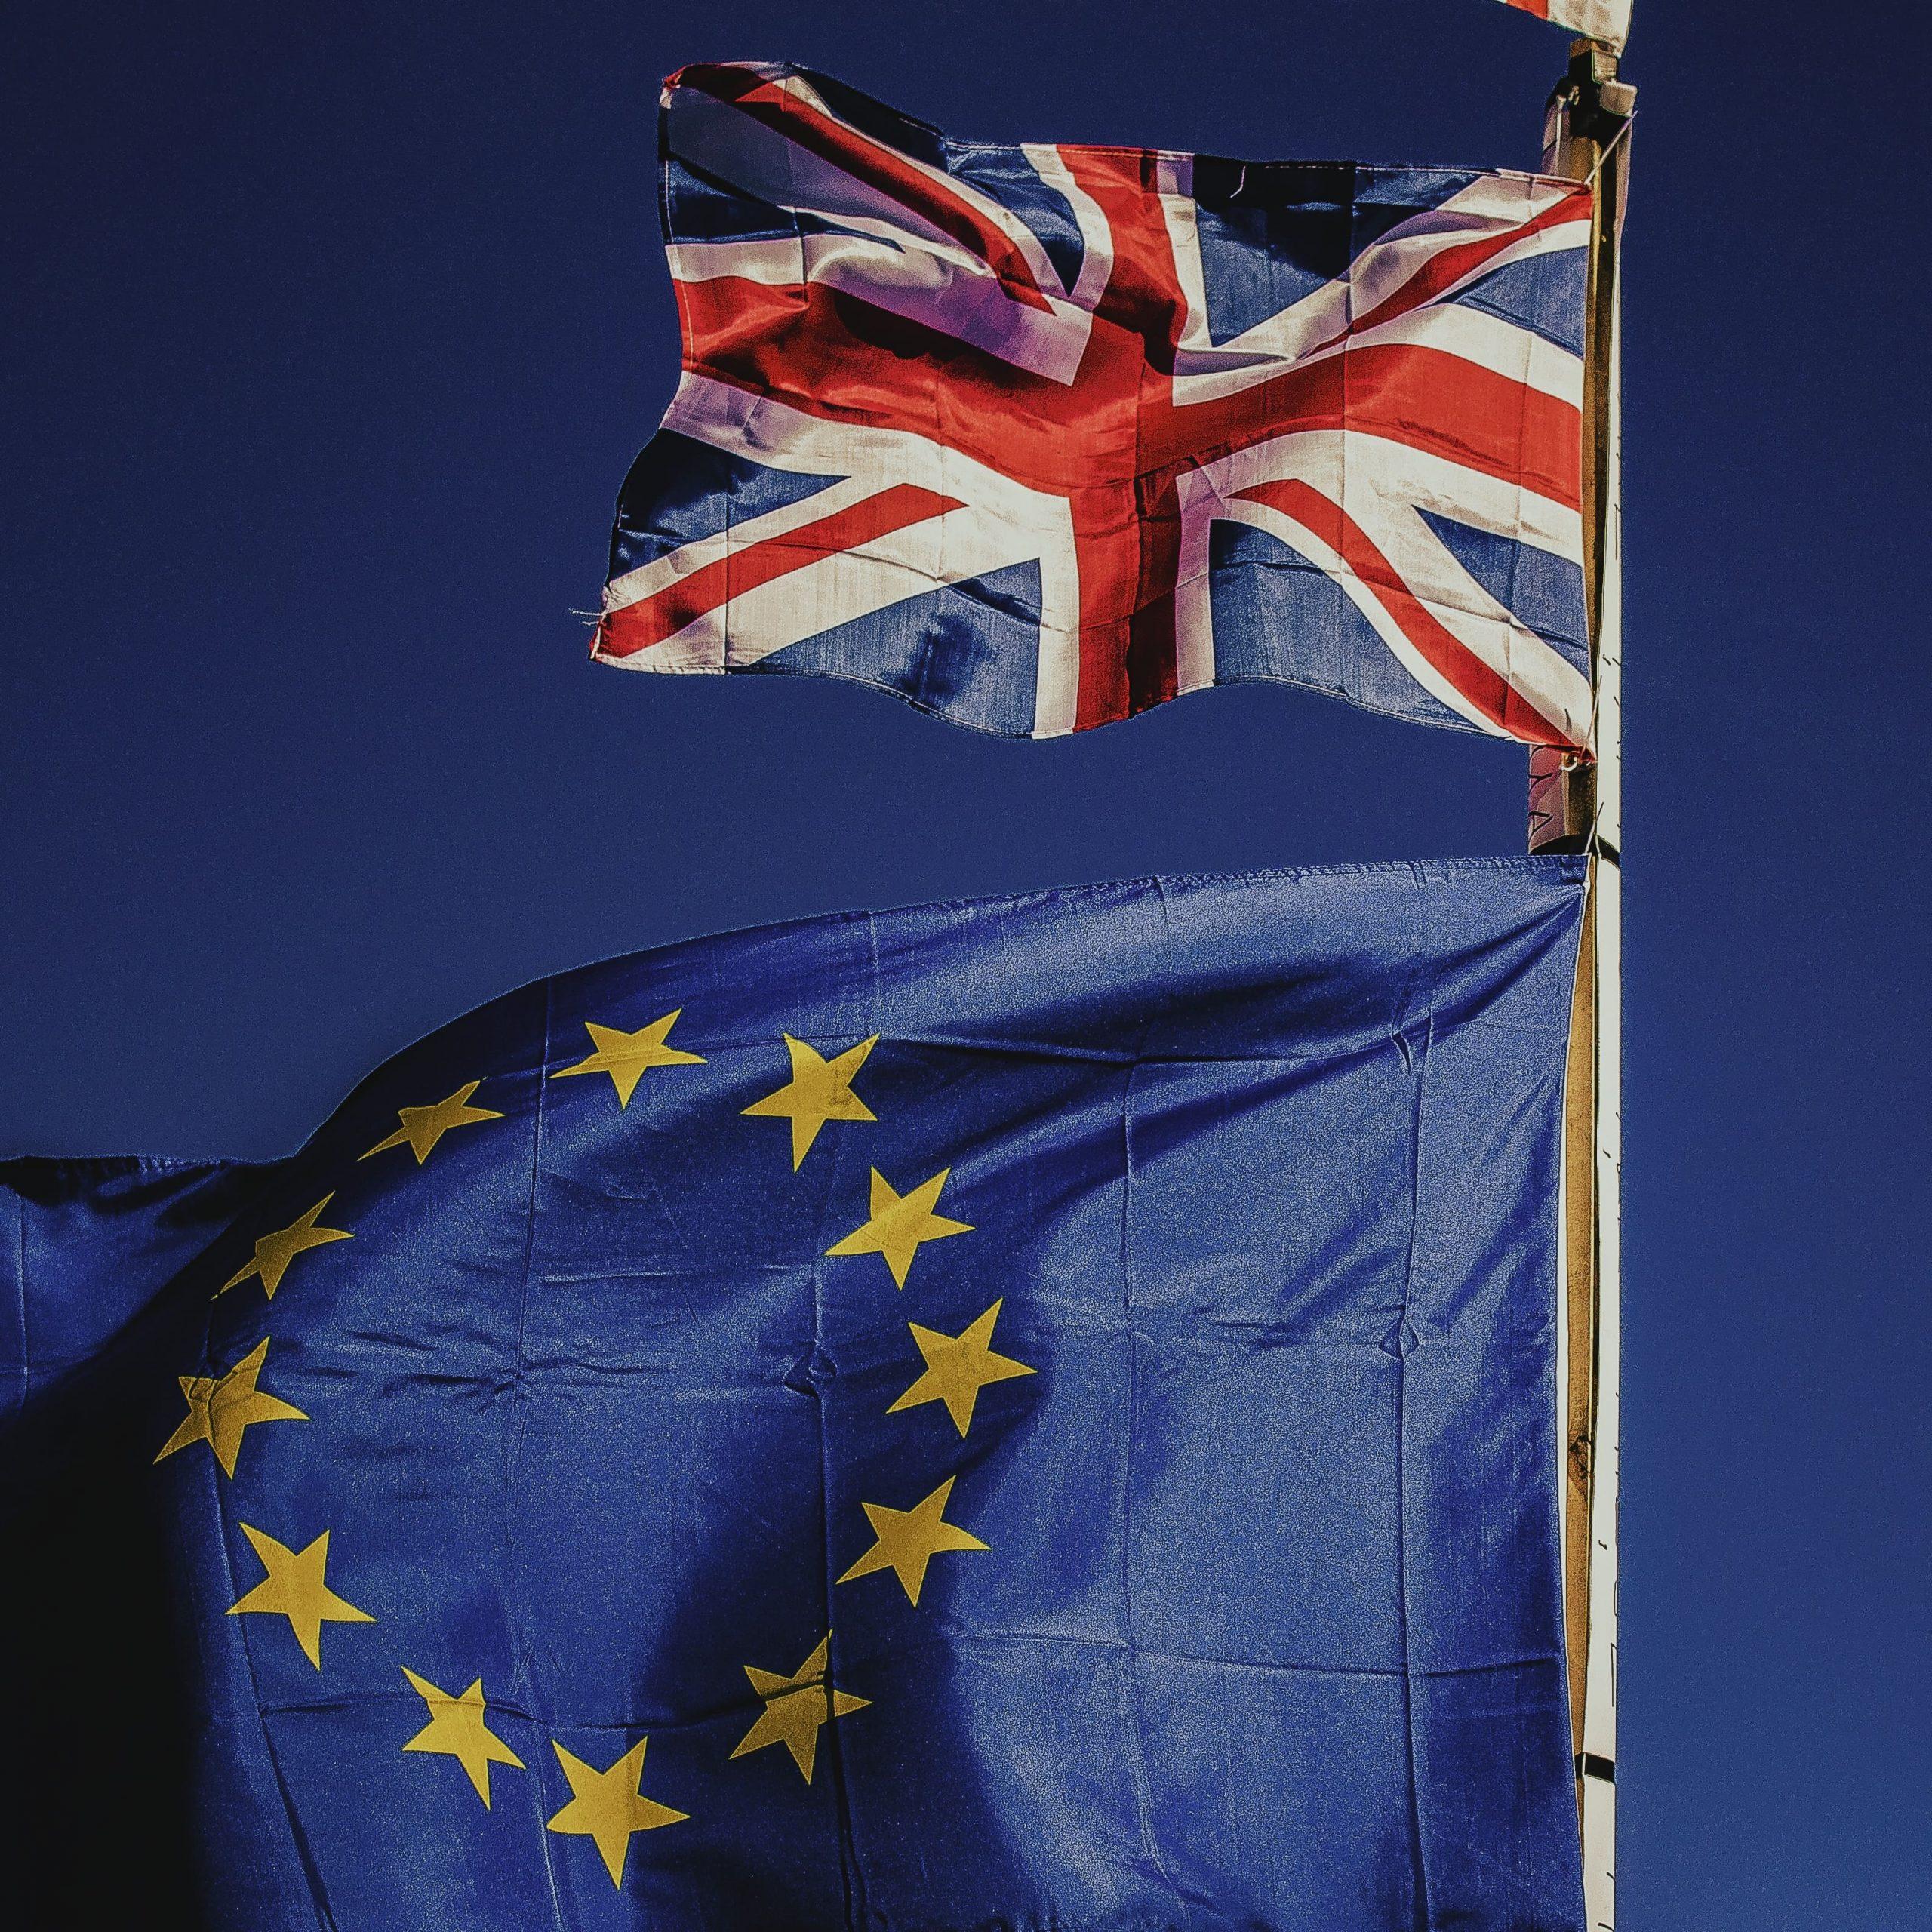 Acuerdo del Consejo de la UE sobre la retirada del Reino Unido